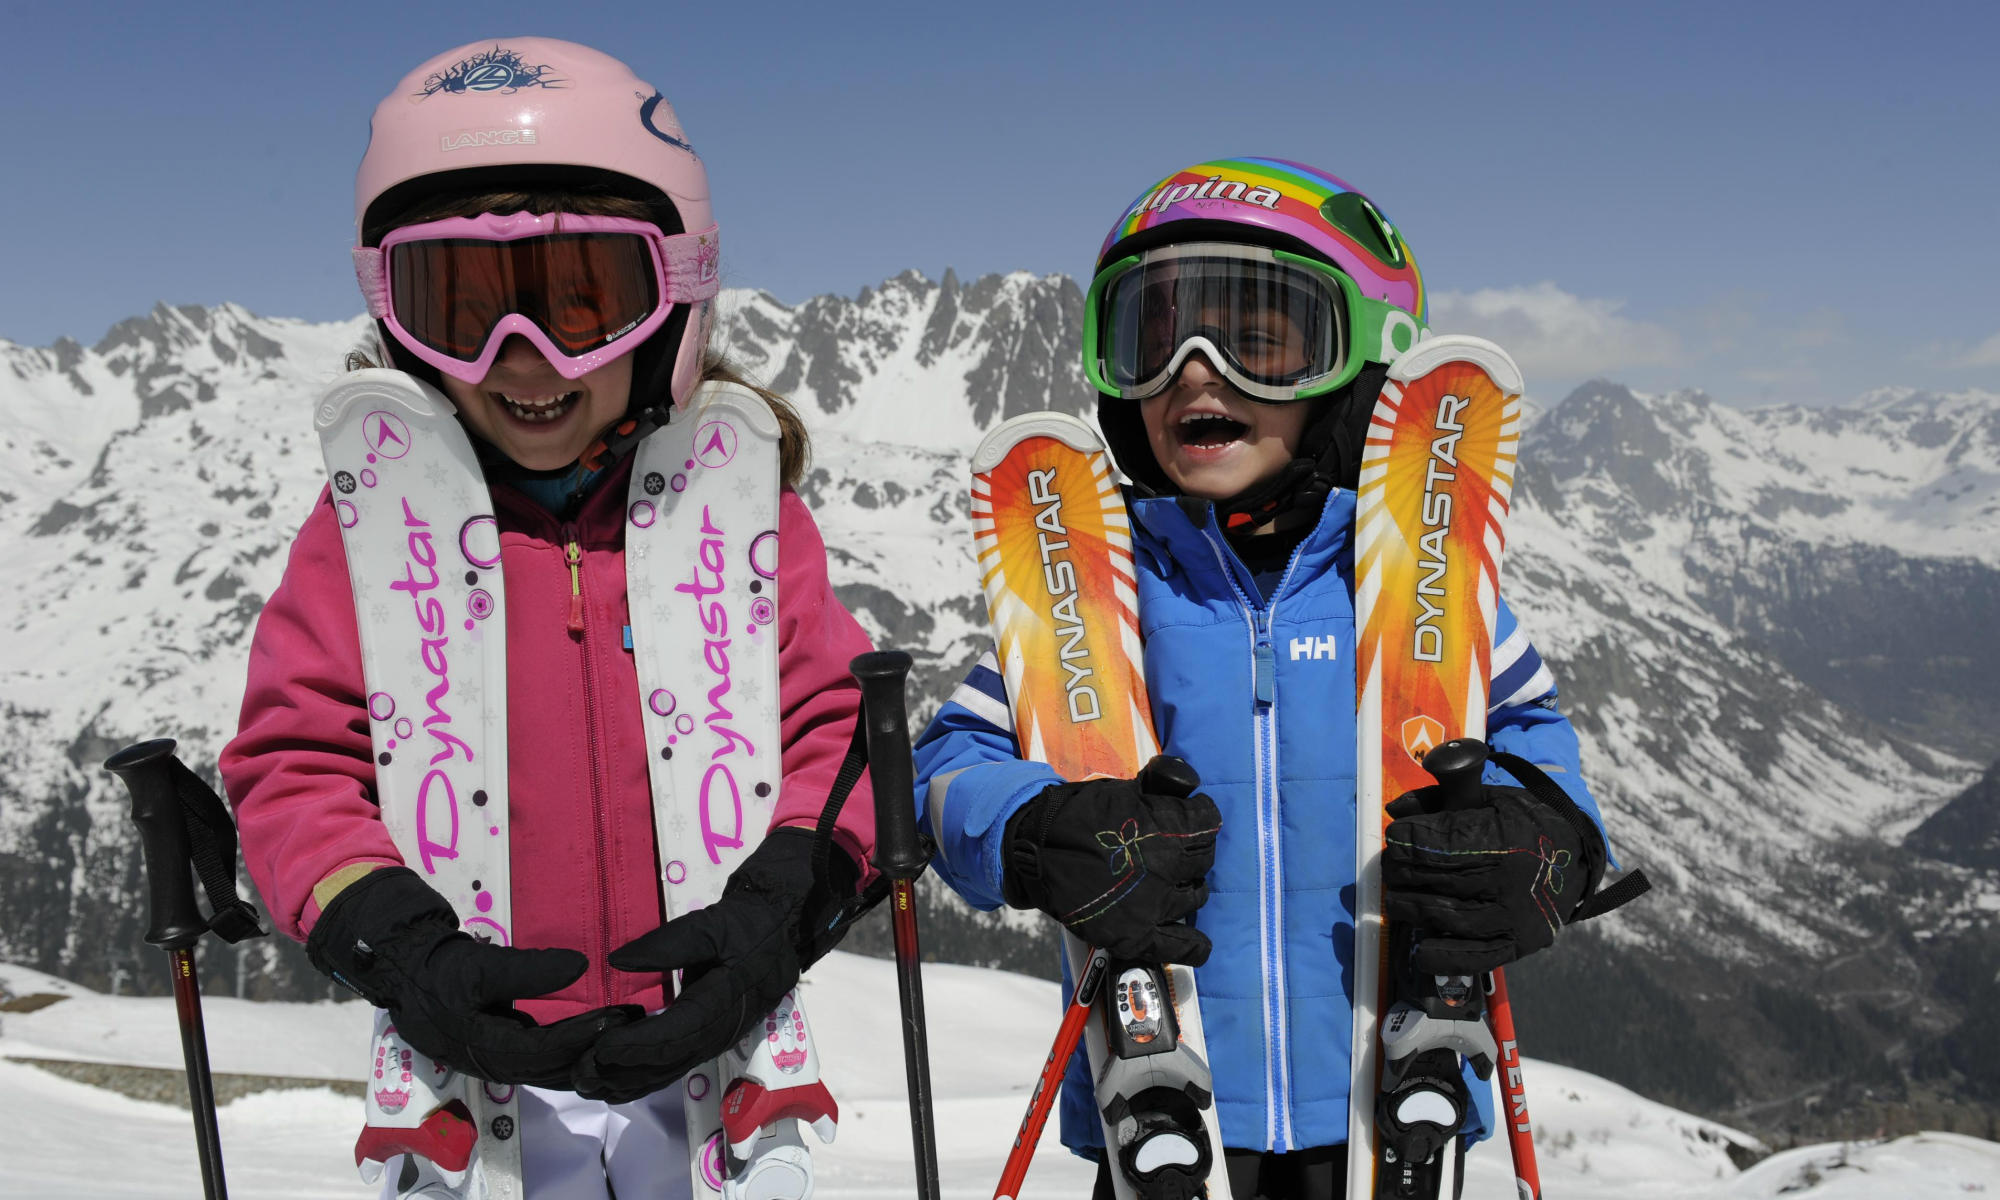 2 glückliche Kinder mit Skiern vor der traumhaften Bergkulisse in Warth.